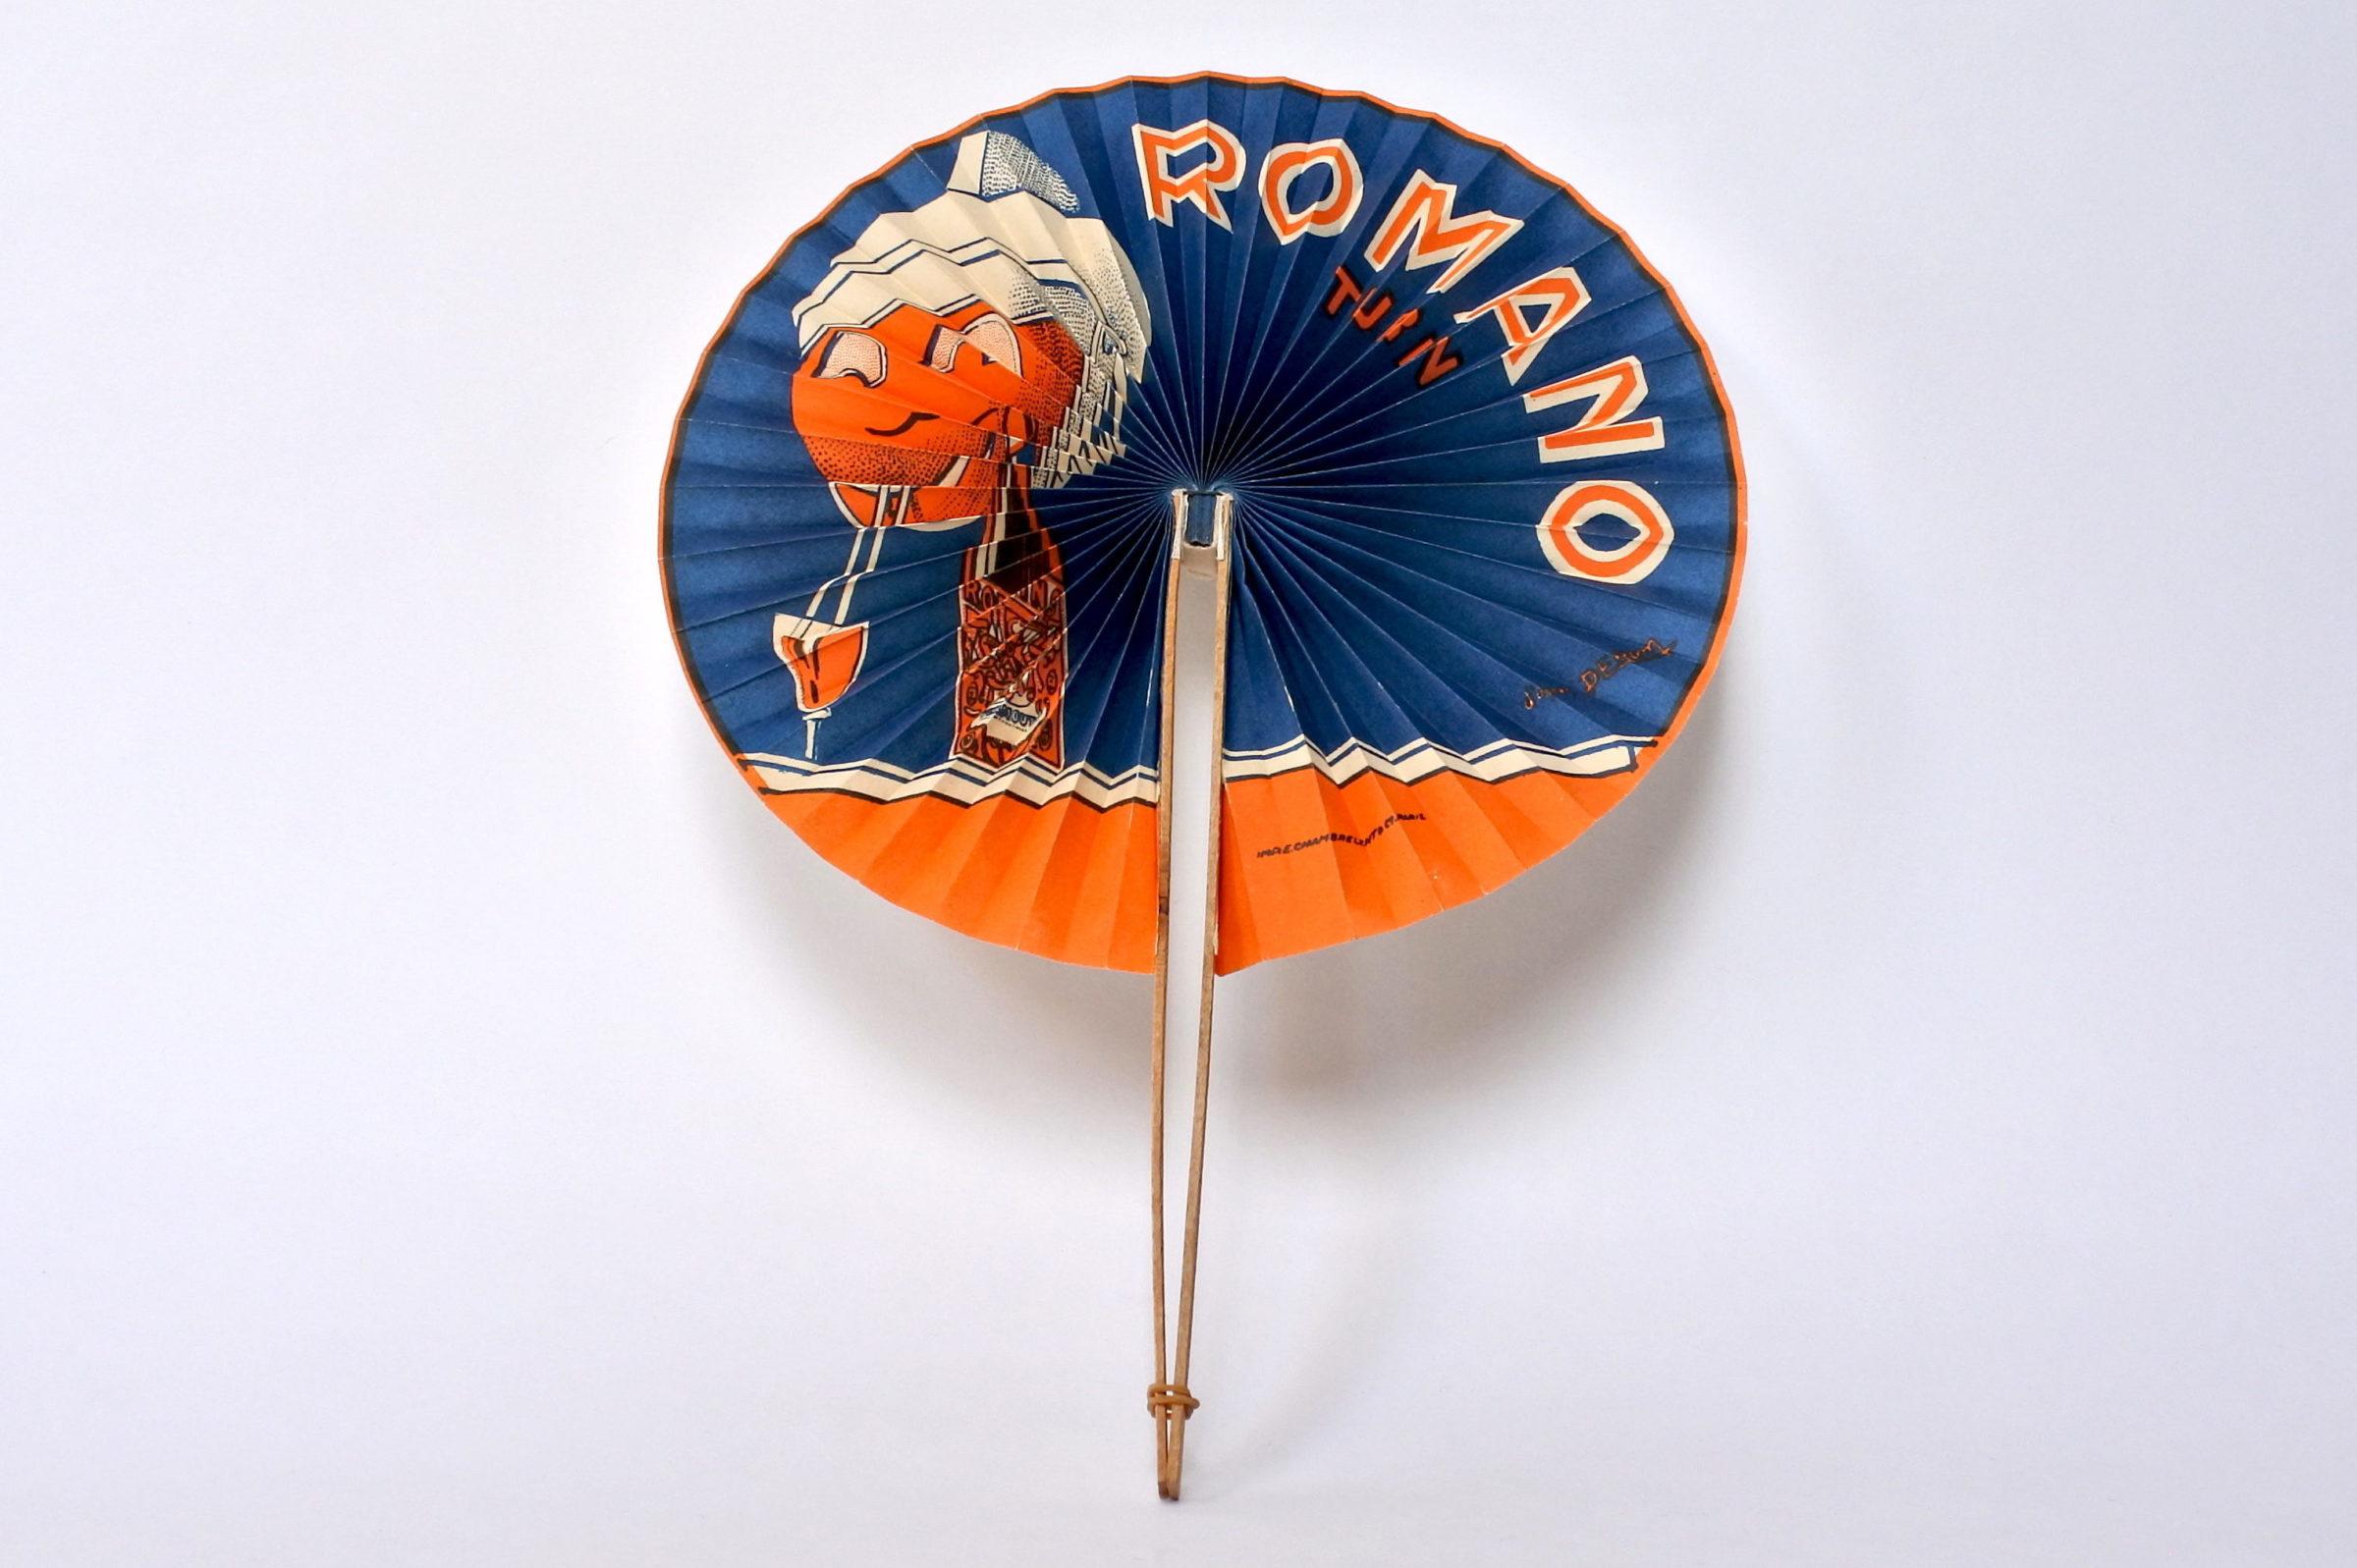 Ventaglio pubblicitario vermut Romano Turin